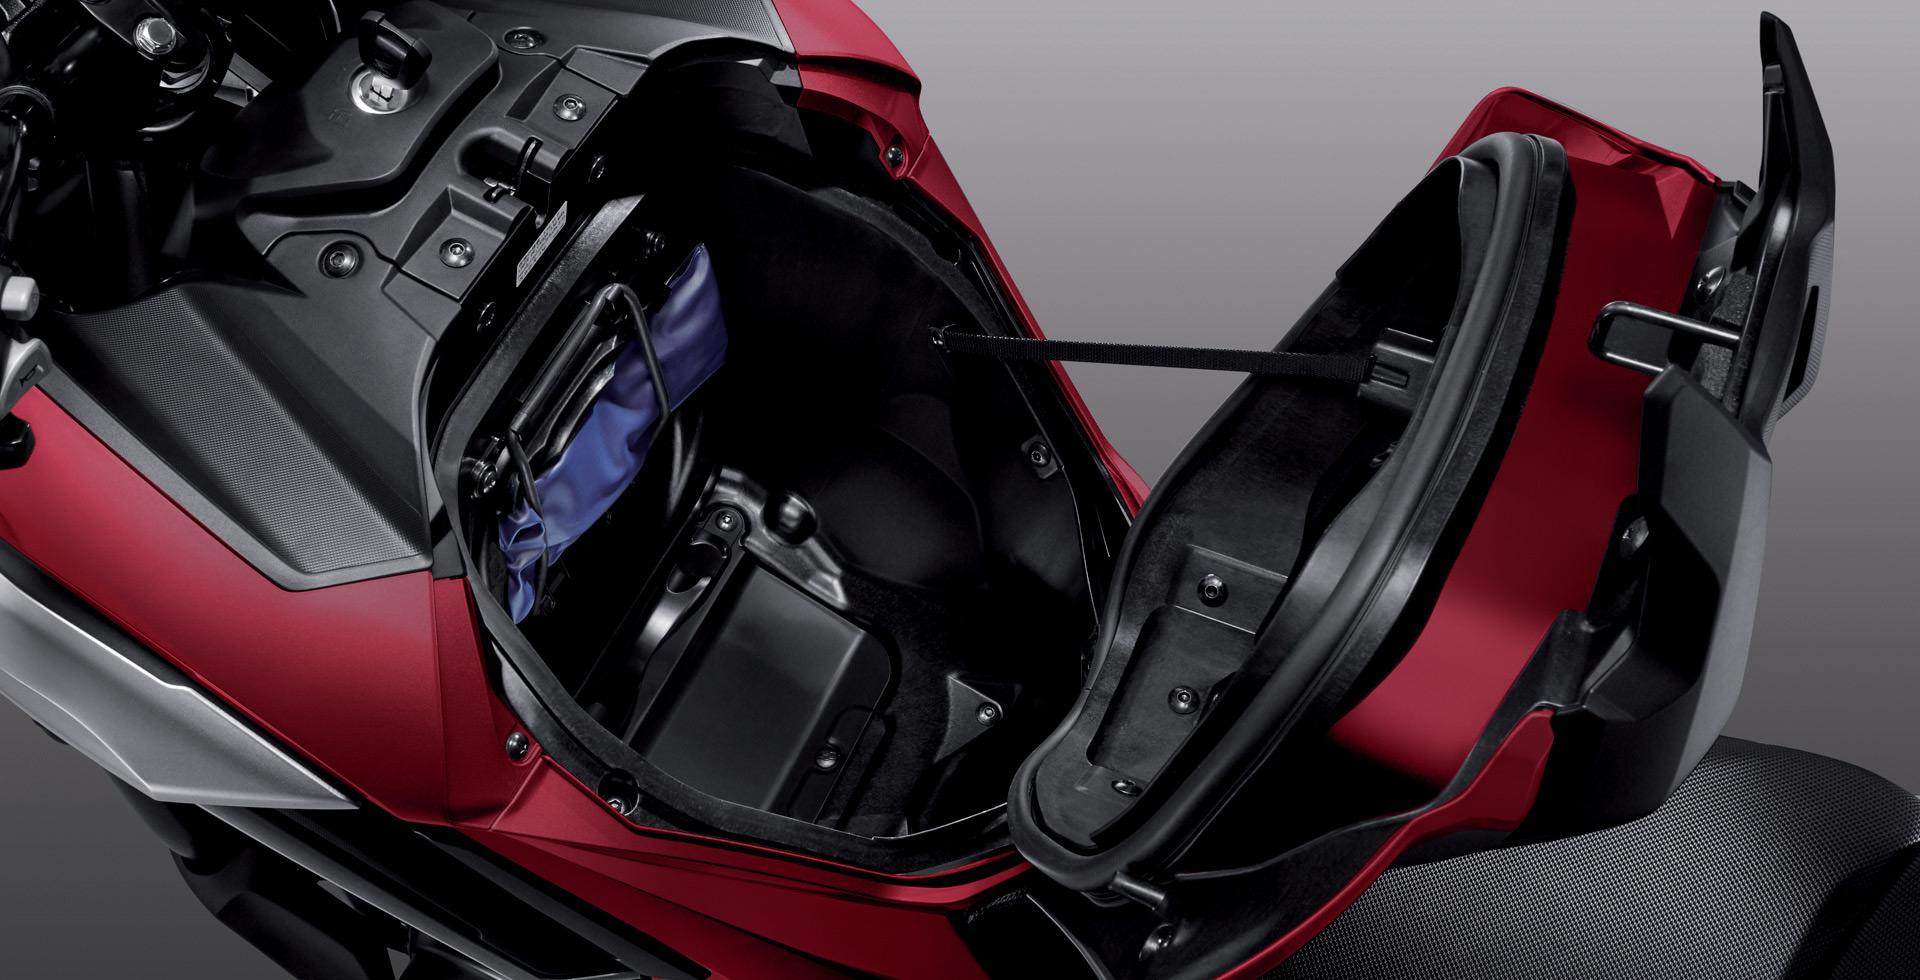 Honda Nc 750 X 2018 Brasil 4 Motorede